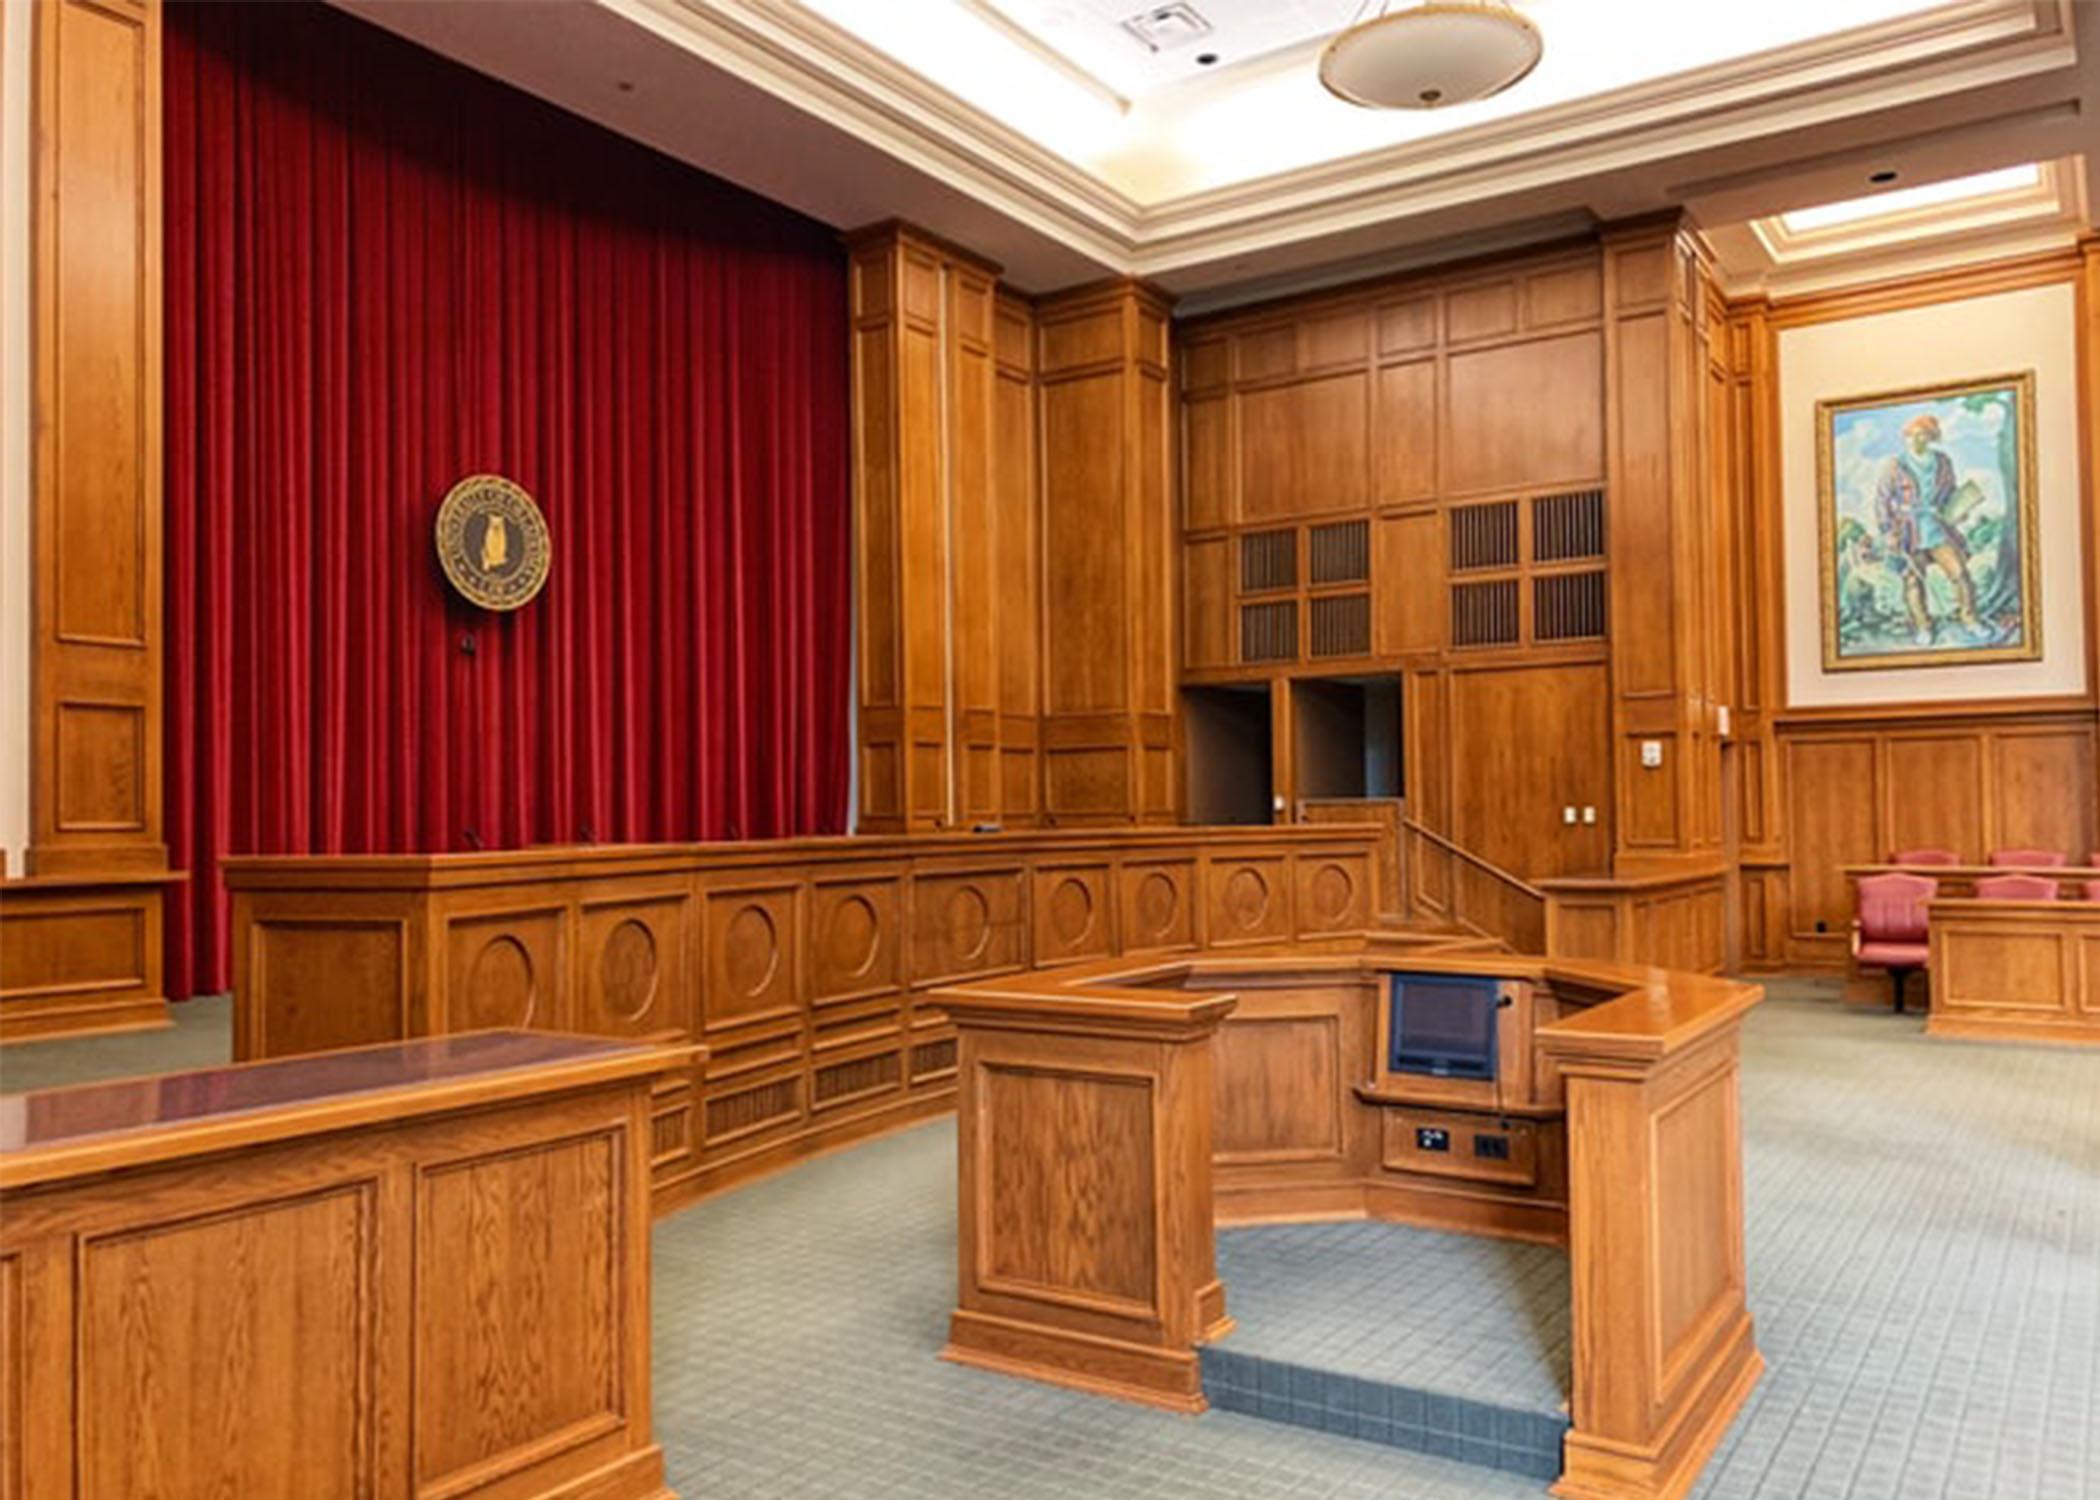 Courtroom interior, OCK law school.